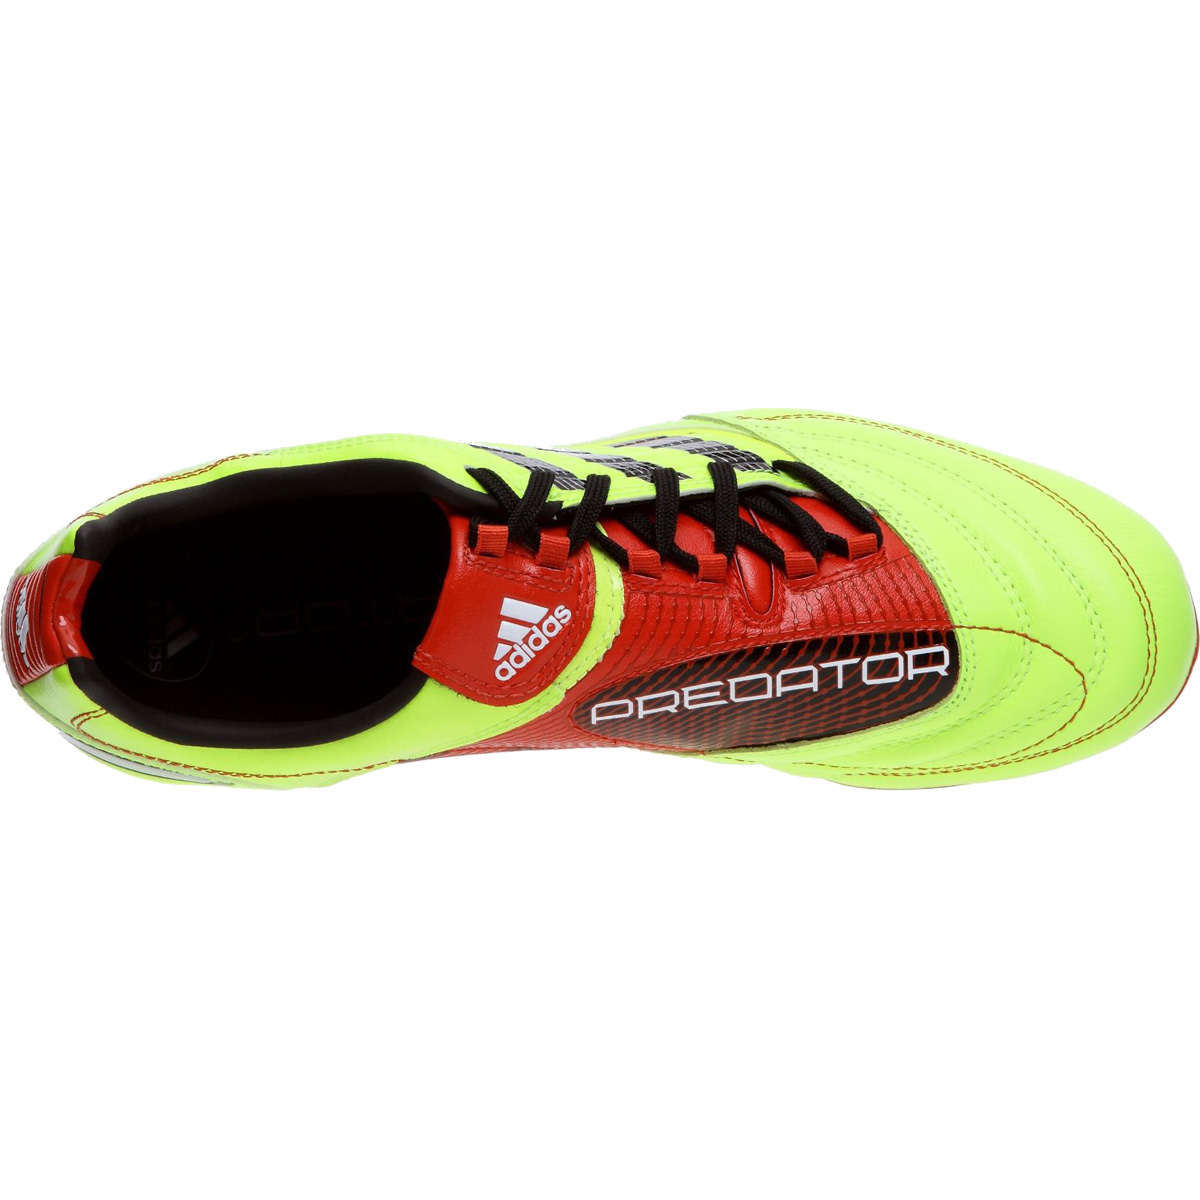 Adidas Predator Absolion X Trx Fg Sportisimo Cz